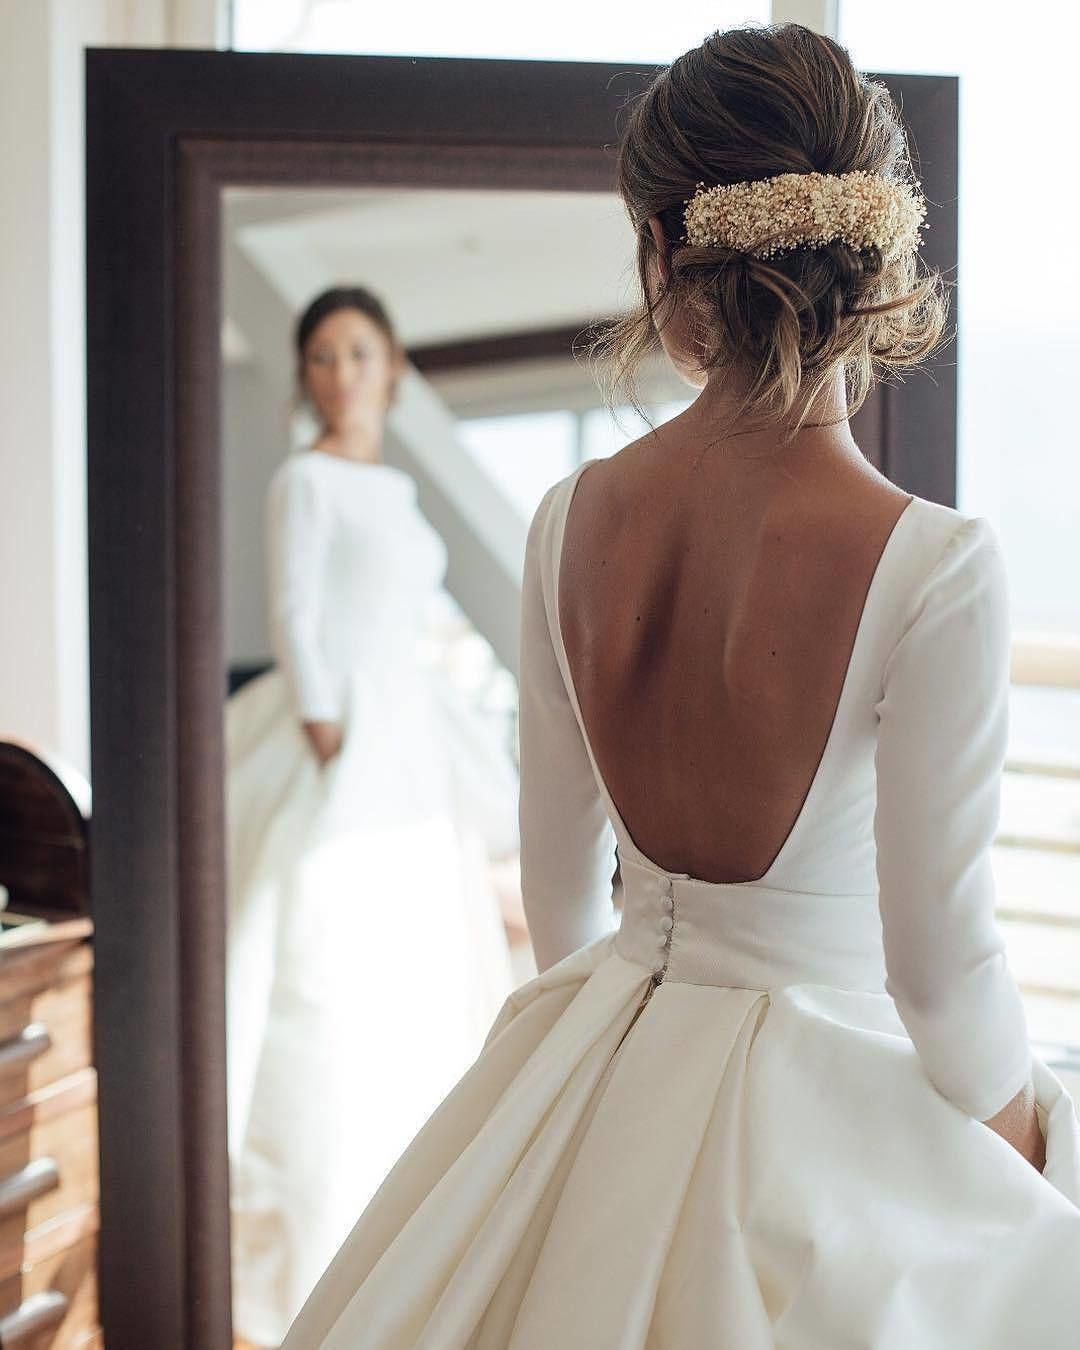 """brudekjoler galleri på instagram: """"en så vakker brudekjole"""